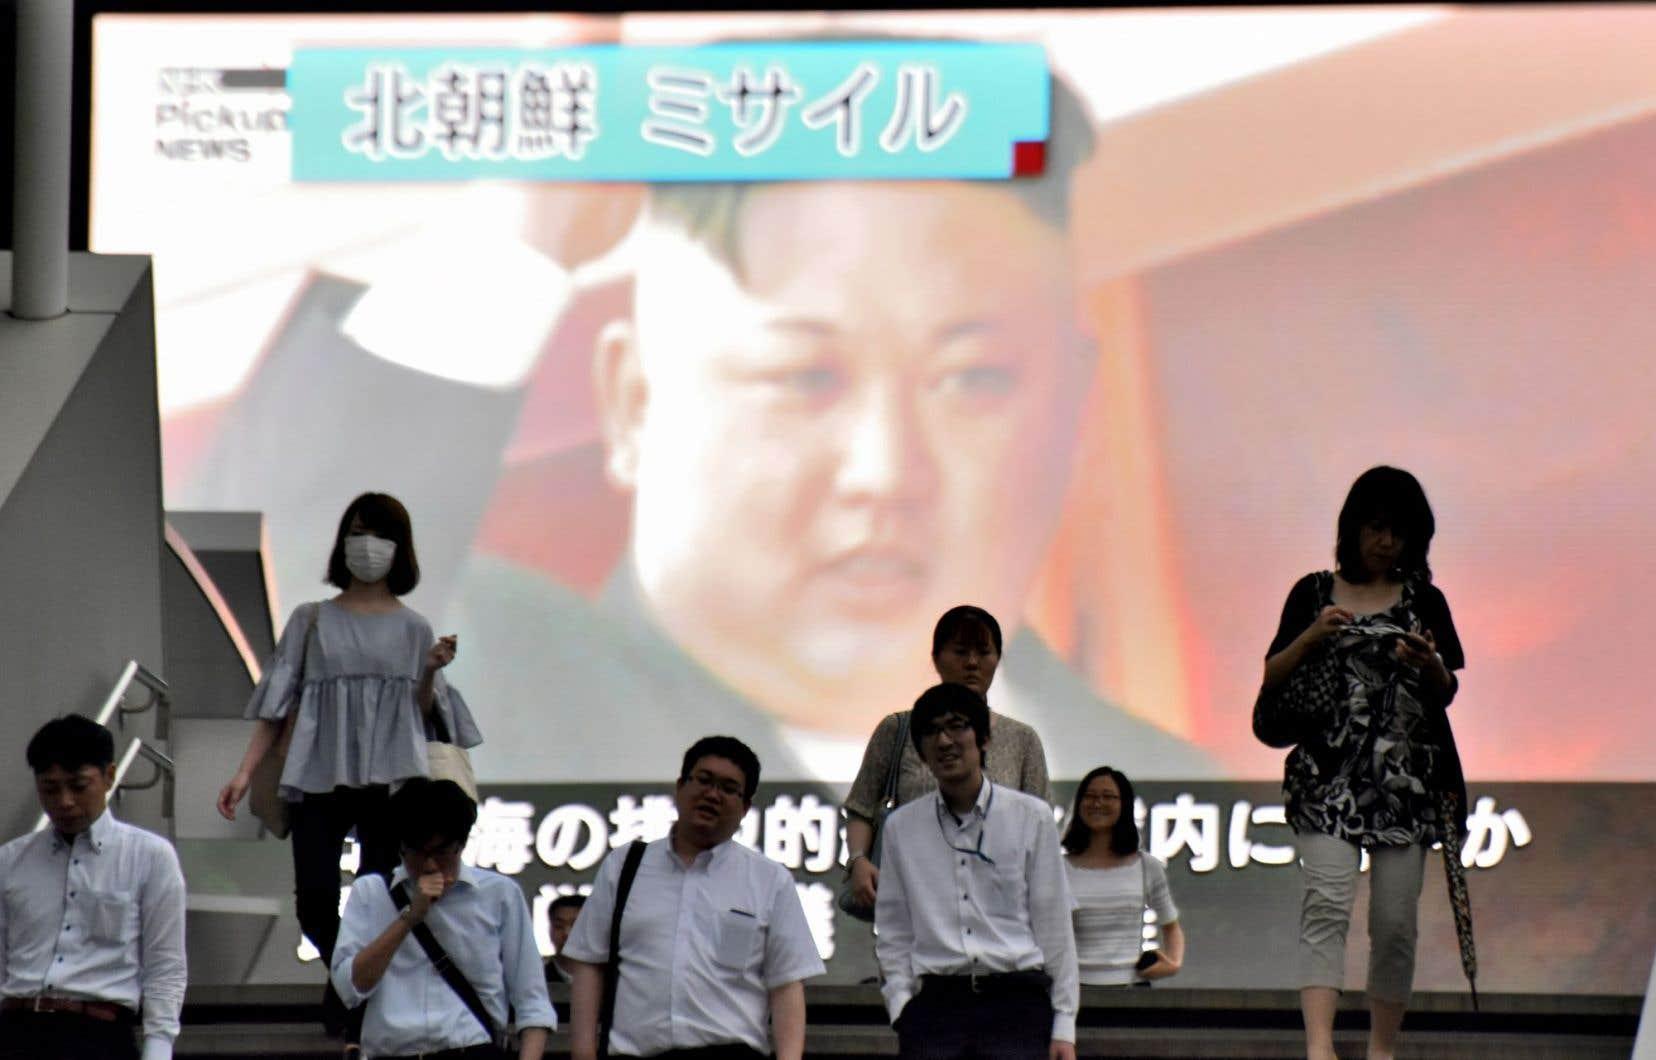 Des piétons passent devant un écran géant à Tokyo sur lequel sont diffusées des images du leader nord-coréen, Kim Jong-un, après un nouveau tir de missile le 4 juillet.